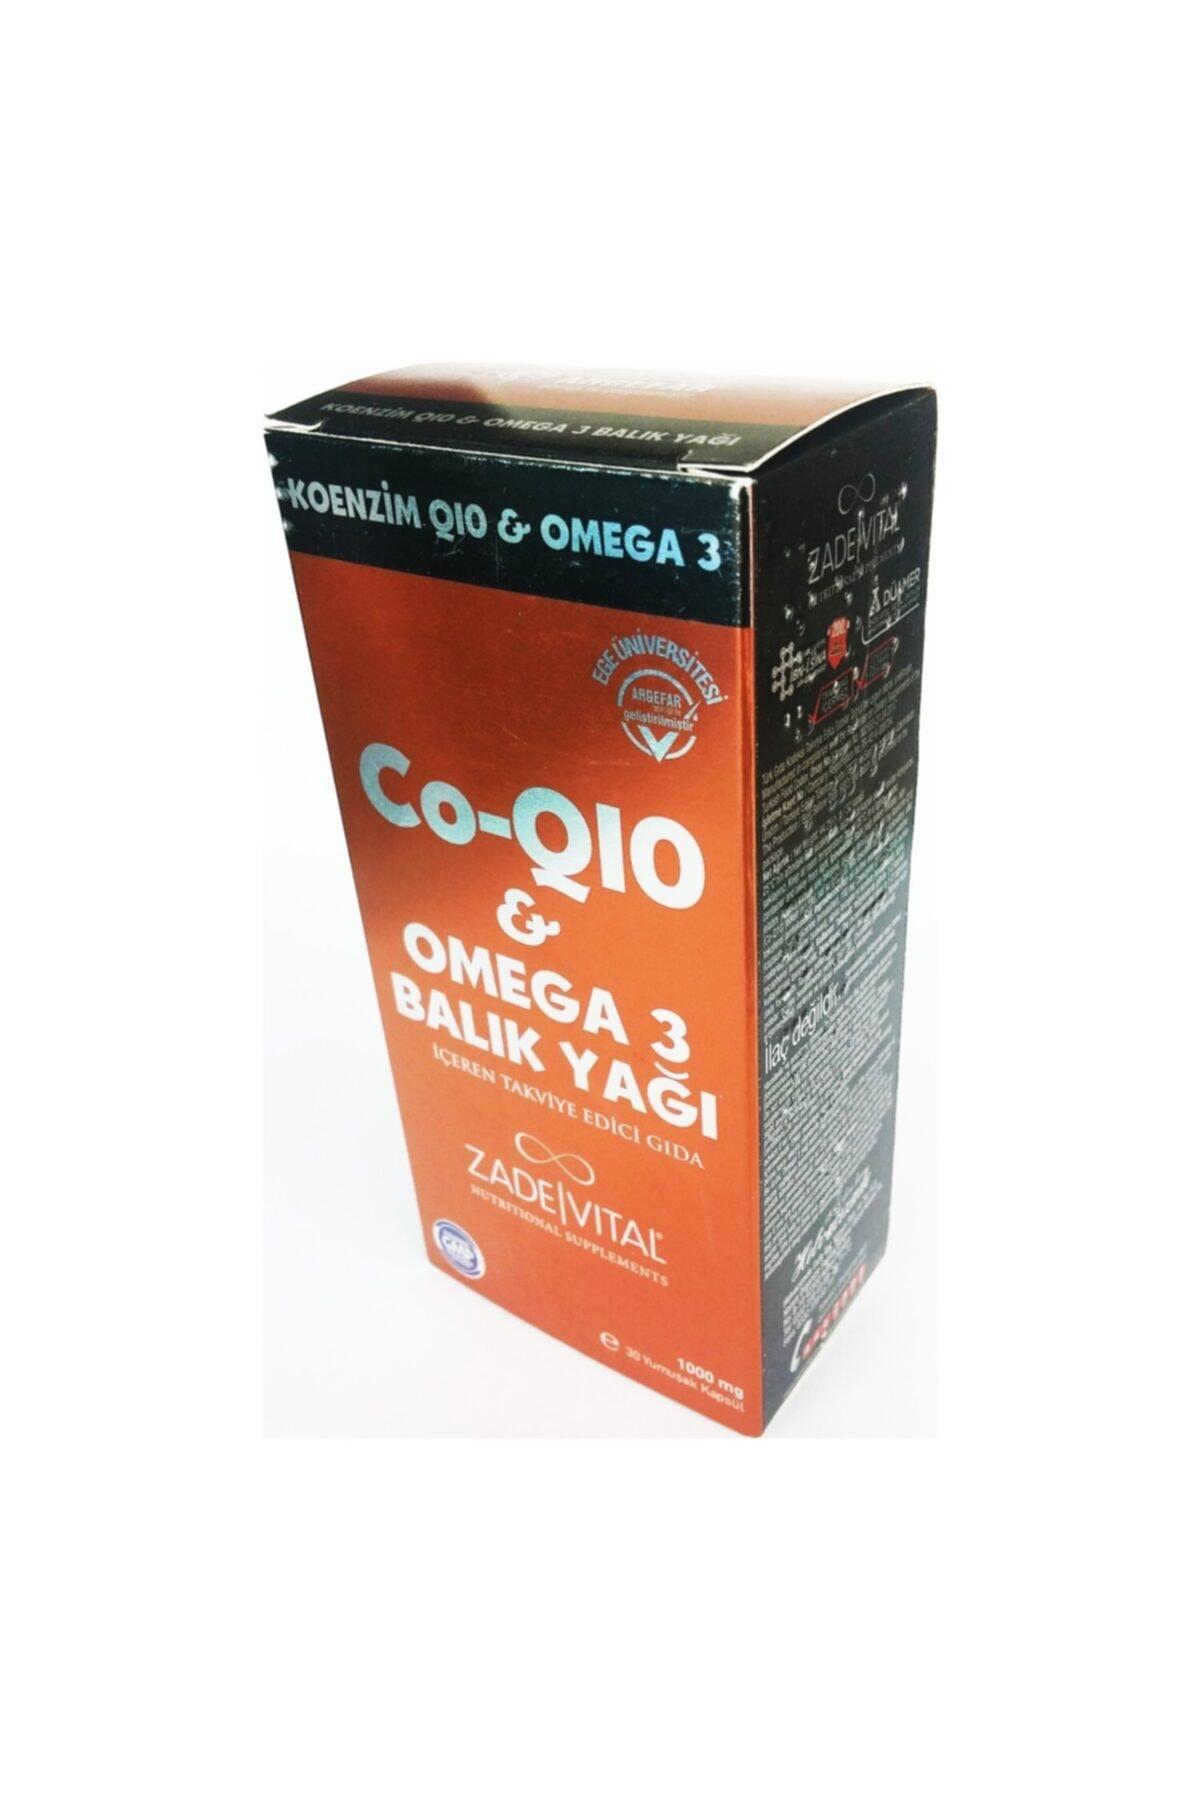 Co-q10 Omega 3 Balık Yağı Blister 30 Kapsül